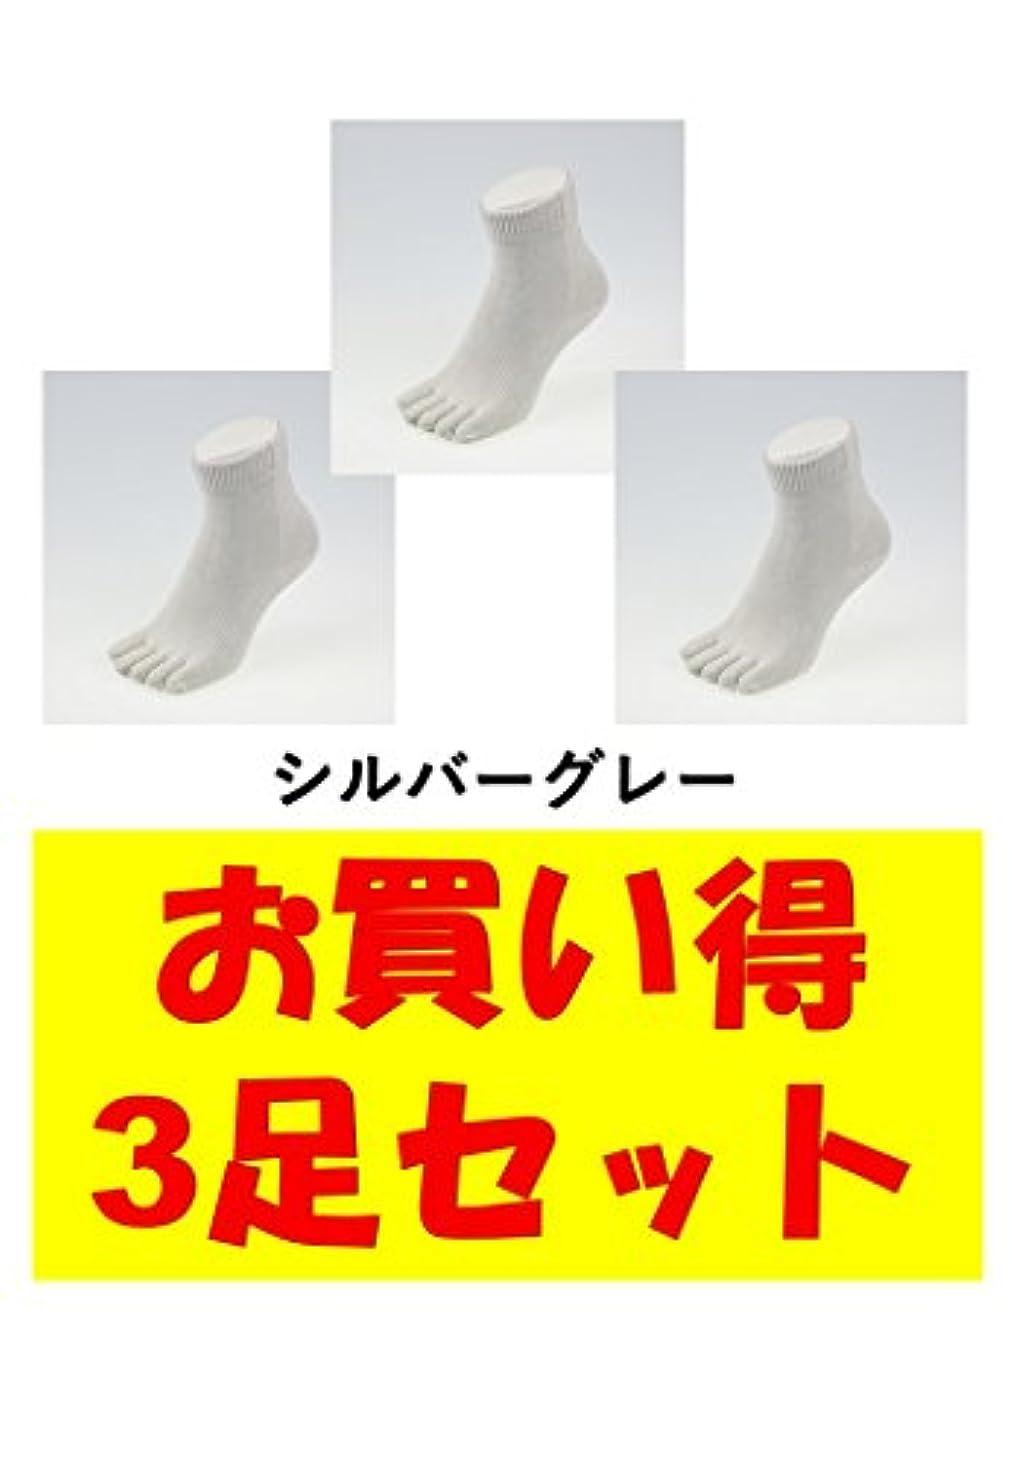 蒸留する独占変更可能お買い得3足セット 5本指 ゆびのばソックス Neo EVE(イヴ) シルバーグレー iサイズ(23.5cm - 25.5cm) YSNEVE-SGL